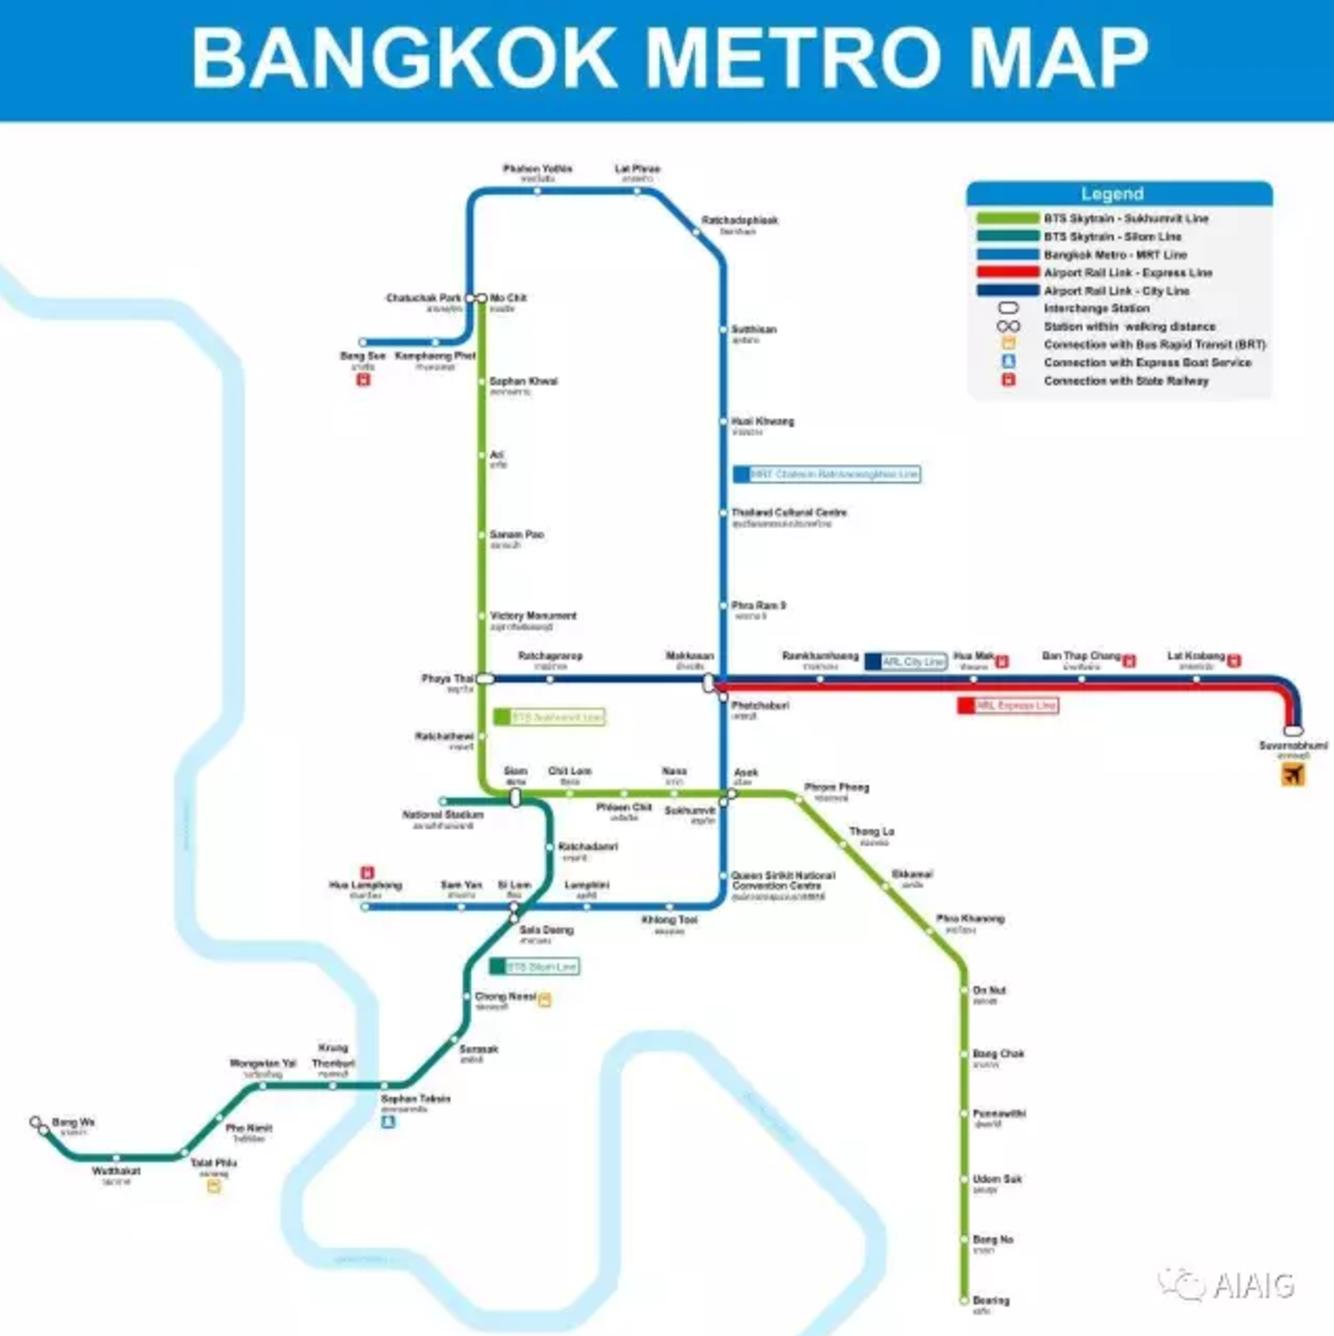 地铁里的诱惑三邦_曼谷轨道交通路线全面解析,旅游投资必备!! - 知乎